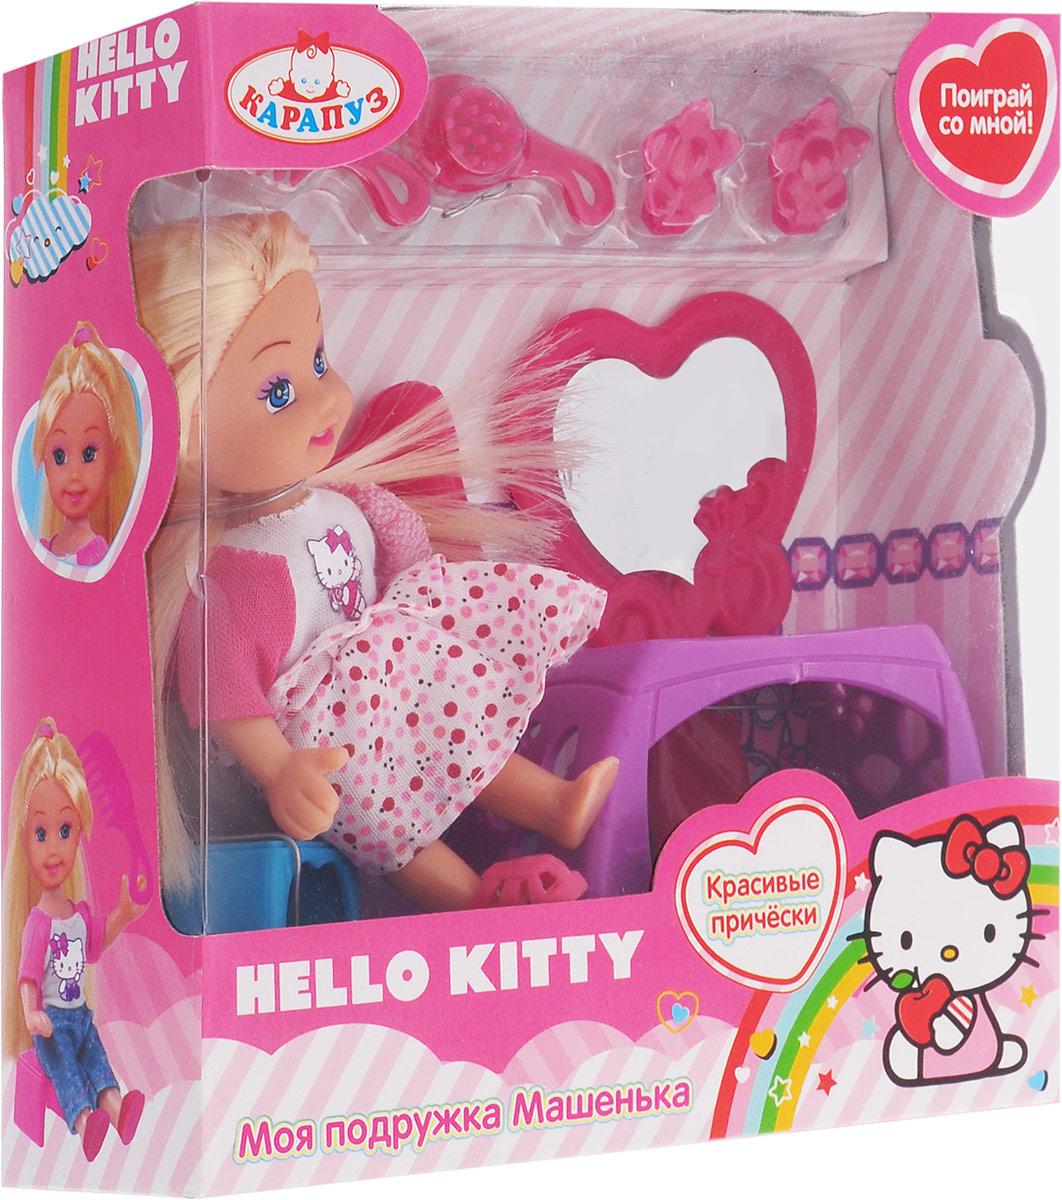 Карапуз Игровой набор с мини-куклой Hello Kitty цвет белый розовый